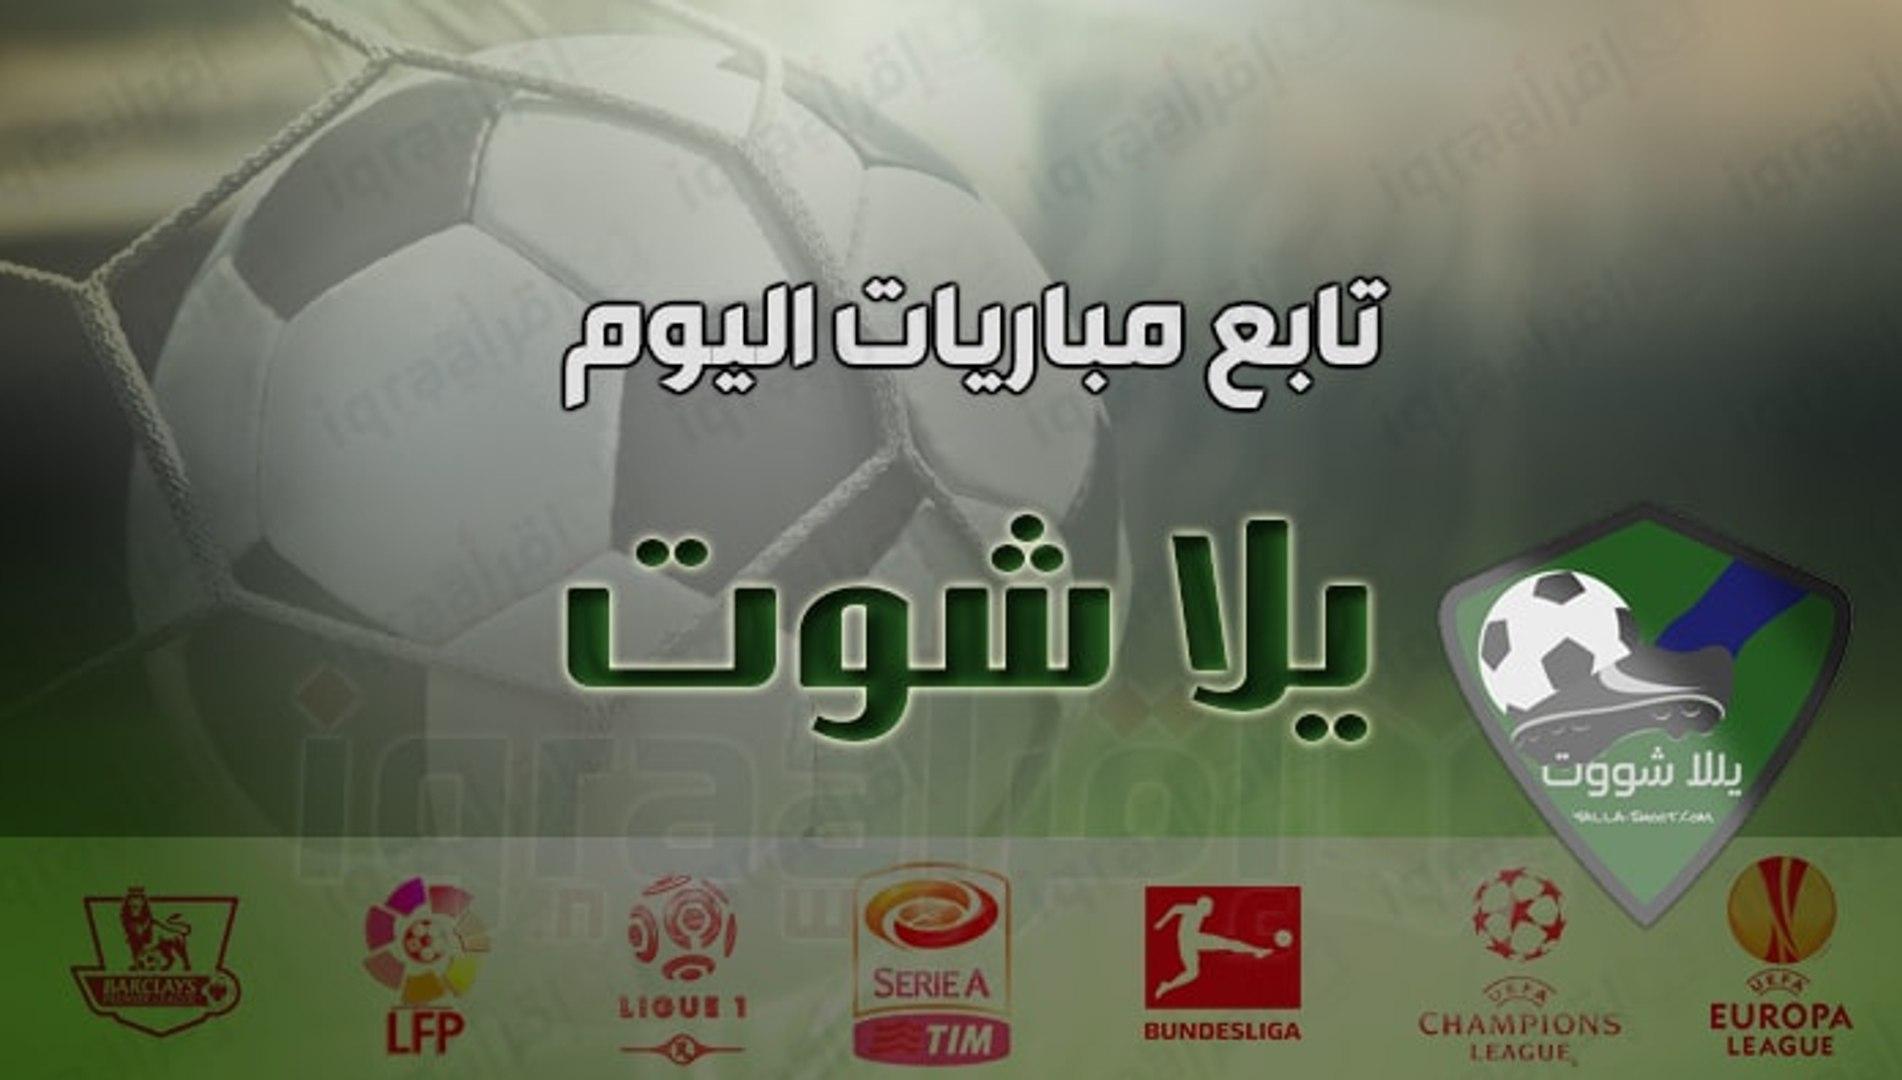 شاهد مباريات اليوم موقع يلا شوت Yalla Shoot Com فيديو Dailymotion